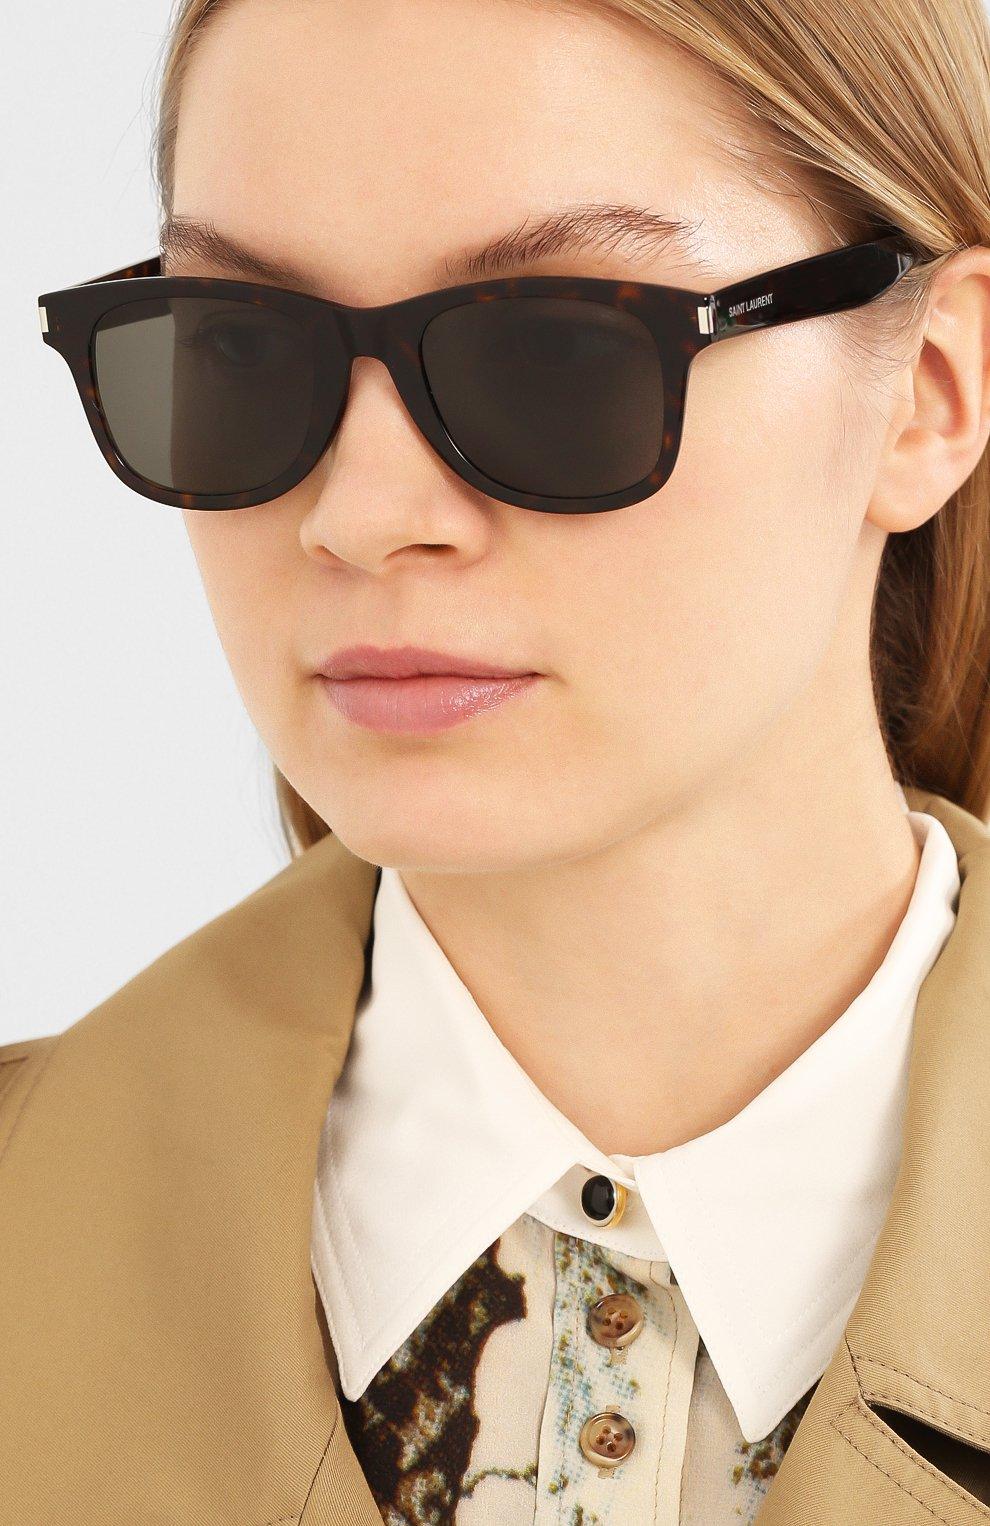 Женские солнцезащитные очки SAINT LAURENT коричневого цвета, арт. SL 51-B SLIM 003 | Фото 2